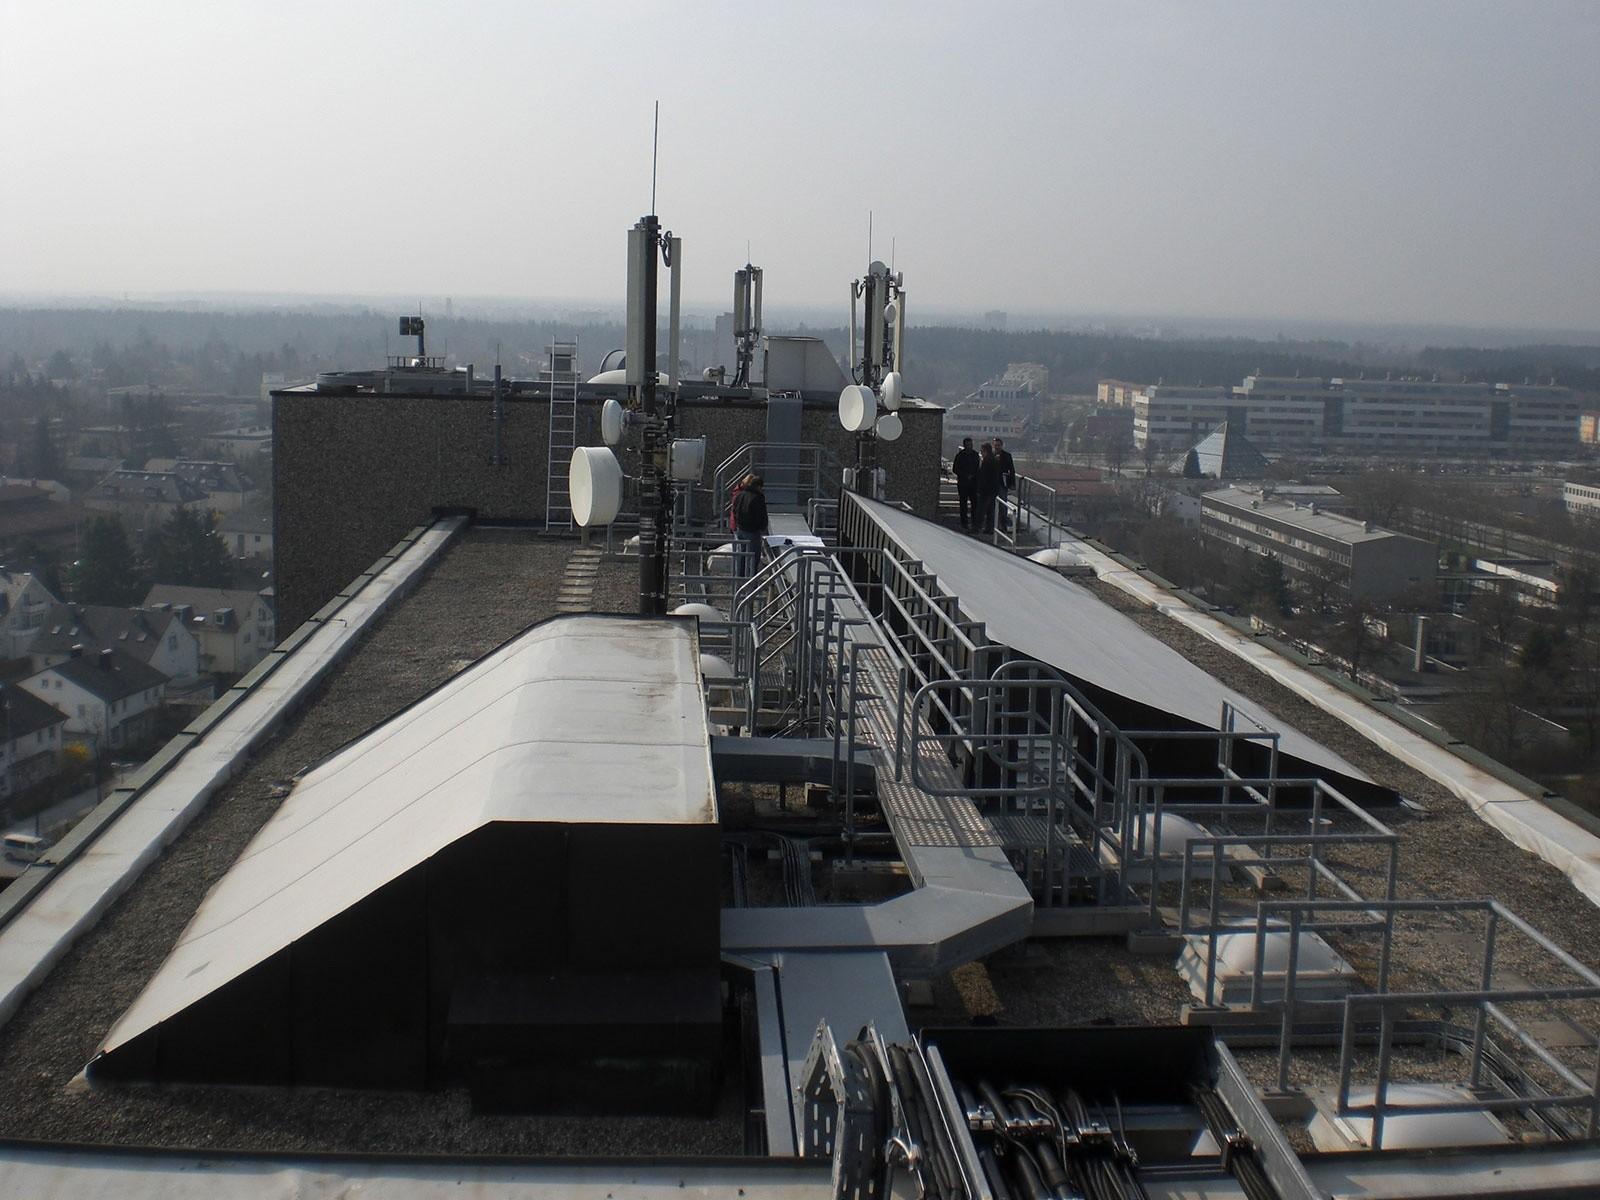 Installationsebene Dach Hochaus Quelle: rothlehner-blitzschutz